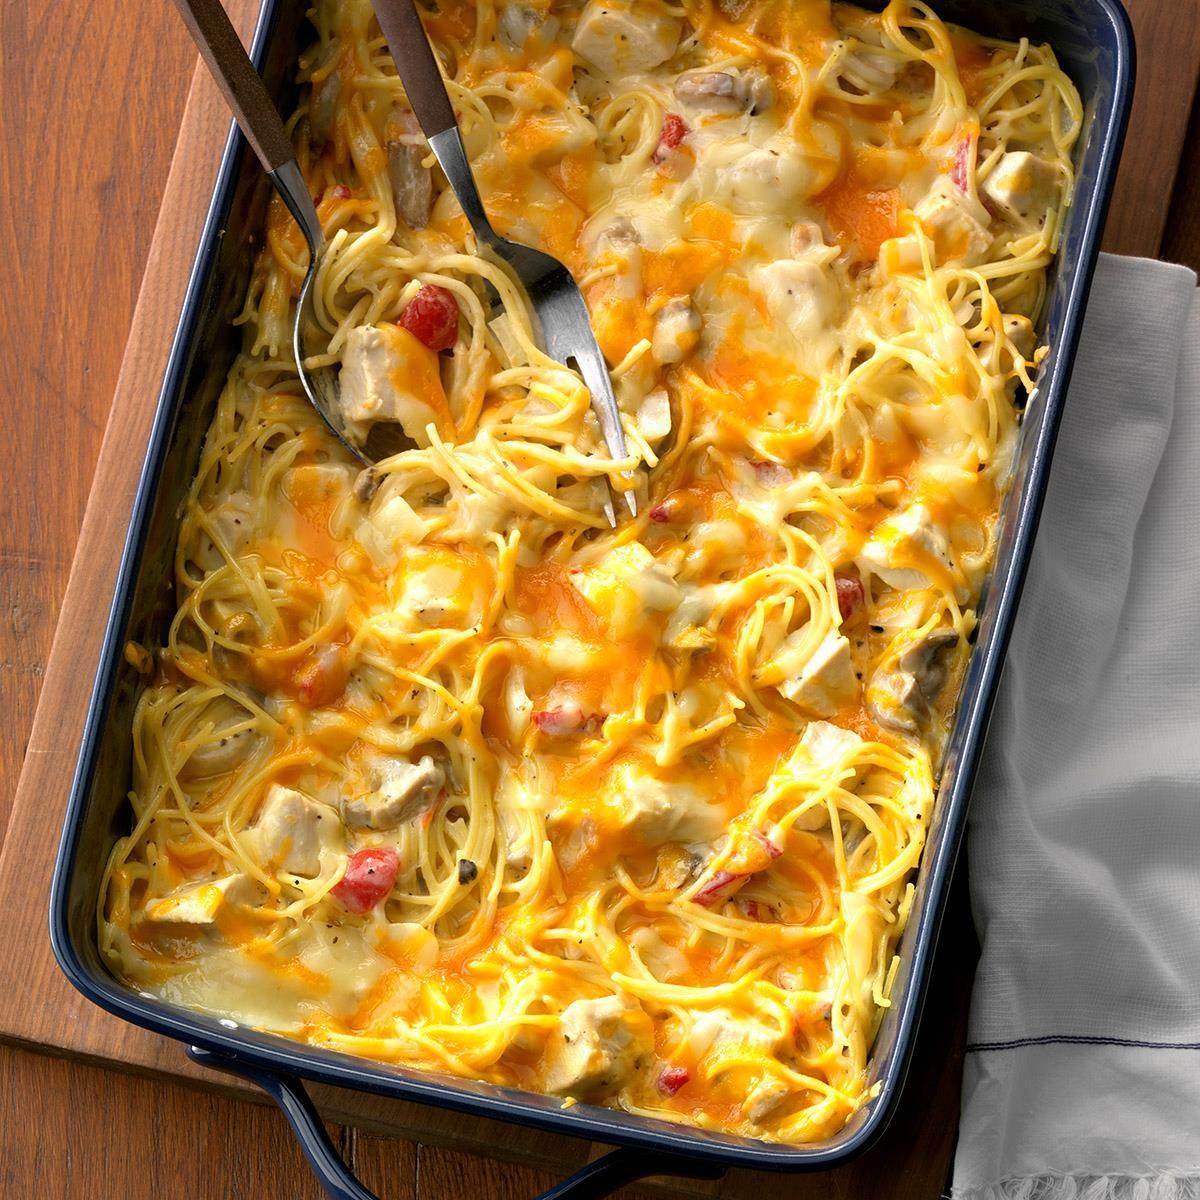 Hasil gambar untuk Chicken Spaghetti